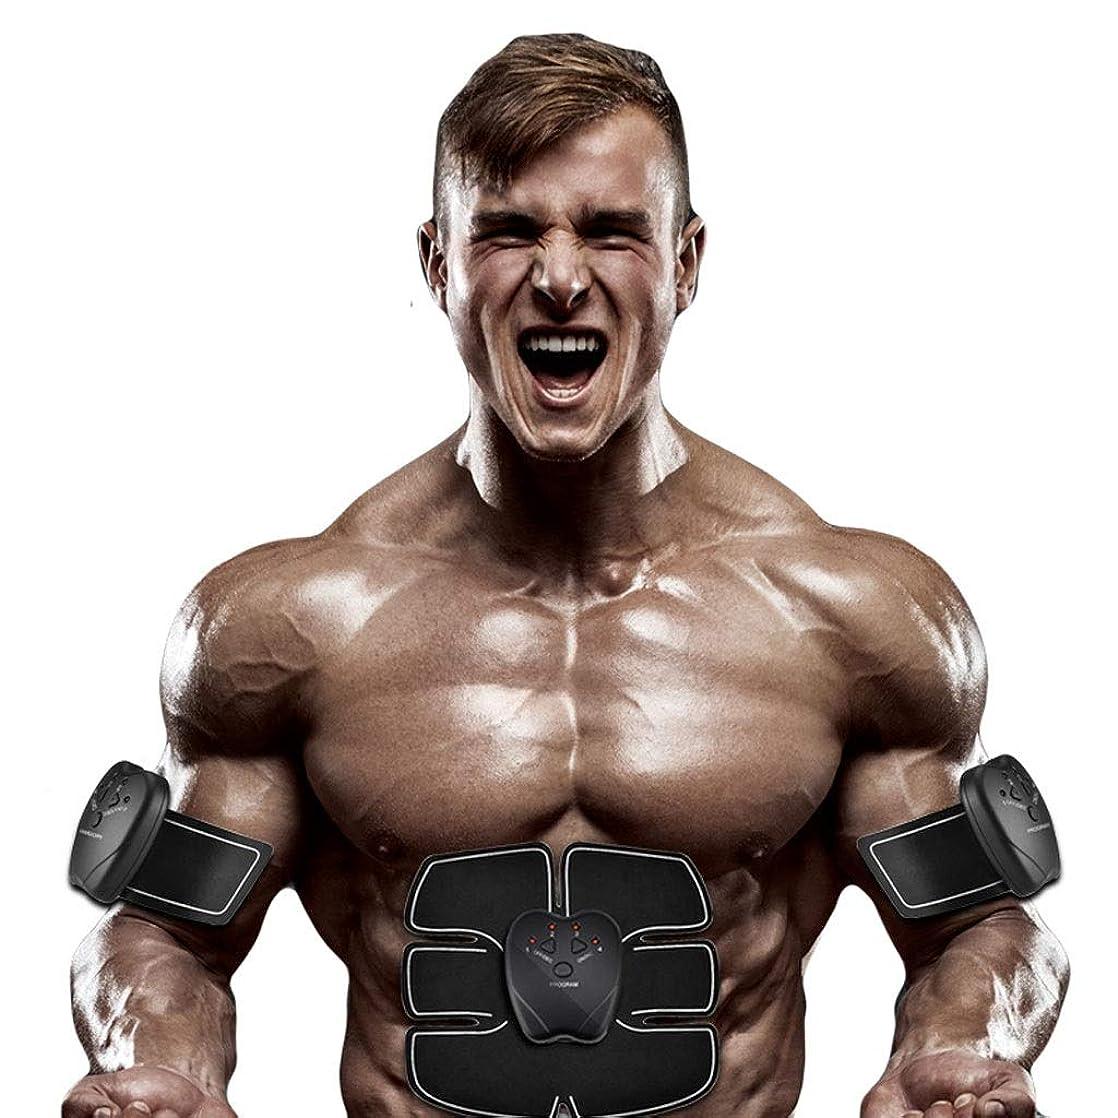 雄弁家断線アコー腹部刺激、腹部調色ベルト、マッスルトナー、ポータブルマッスルトレーナー、ボディマッスルフィットネストレーナー腹部腕用トレーニング